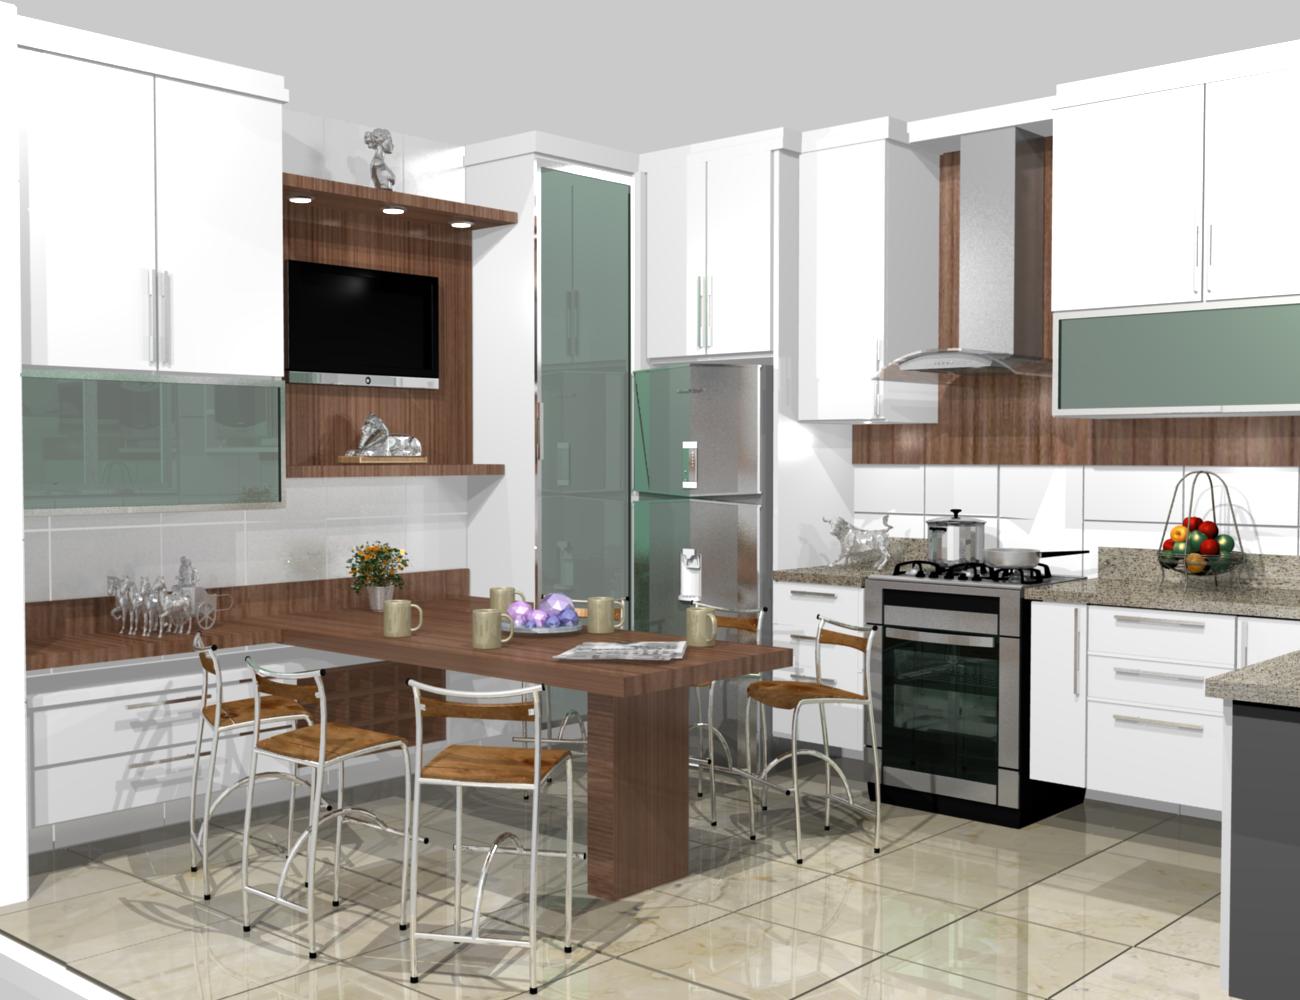 #644A39 cozinha planejadas pequenas decorada americana modulada luxo moderna 1300x1000 px Projetos De Cozinhas Externas Pequenas #565 imagens